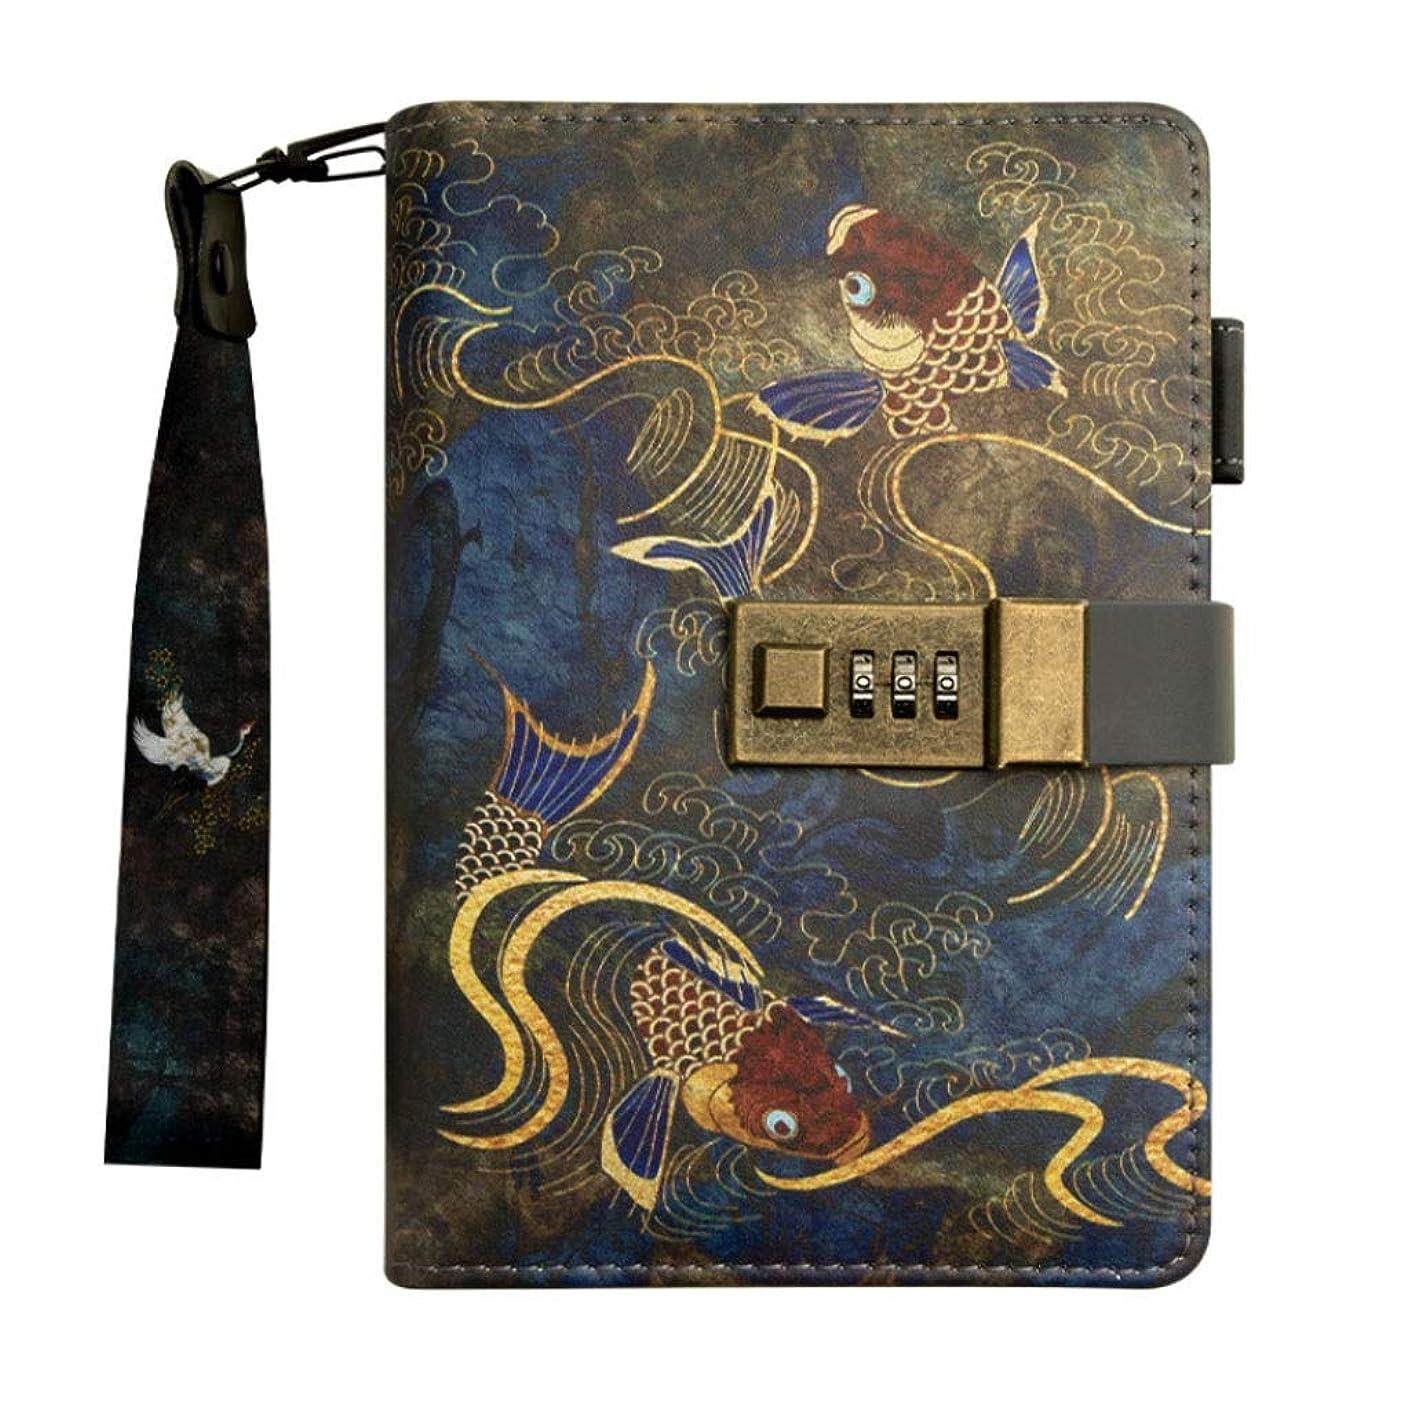 革ノート、パスワード付きメモ帳、クリエイティブギフト/ルーズリーフのトラベルテキストと日記 (Color : B)